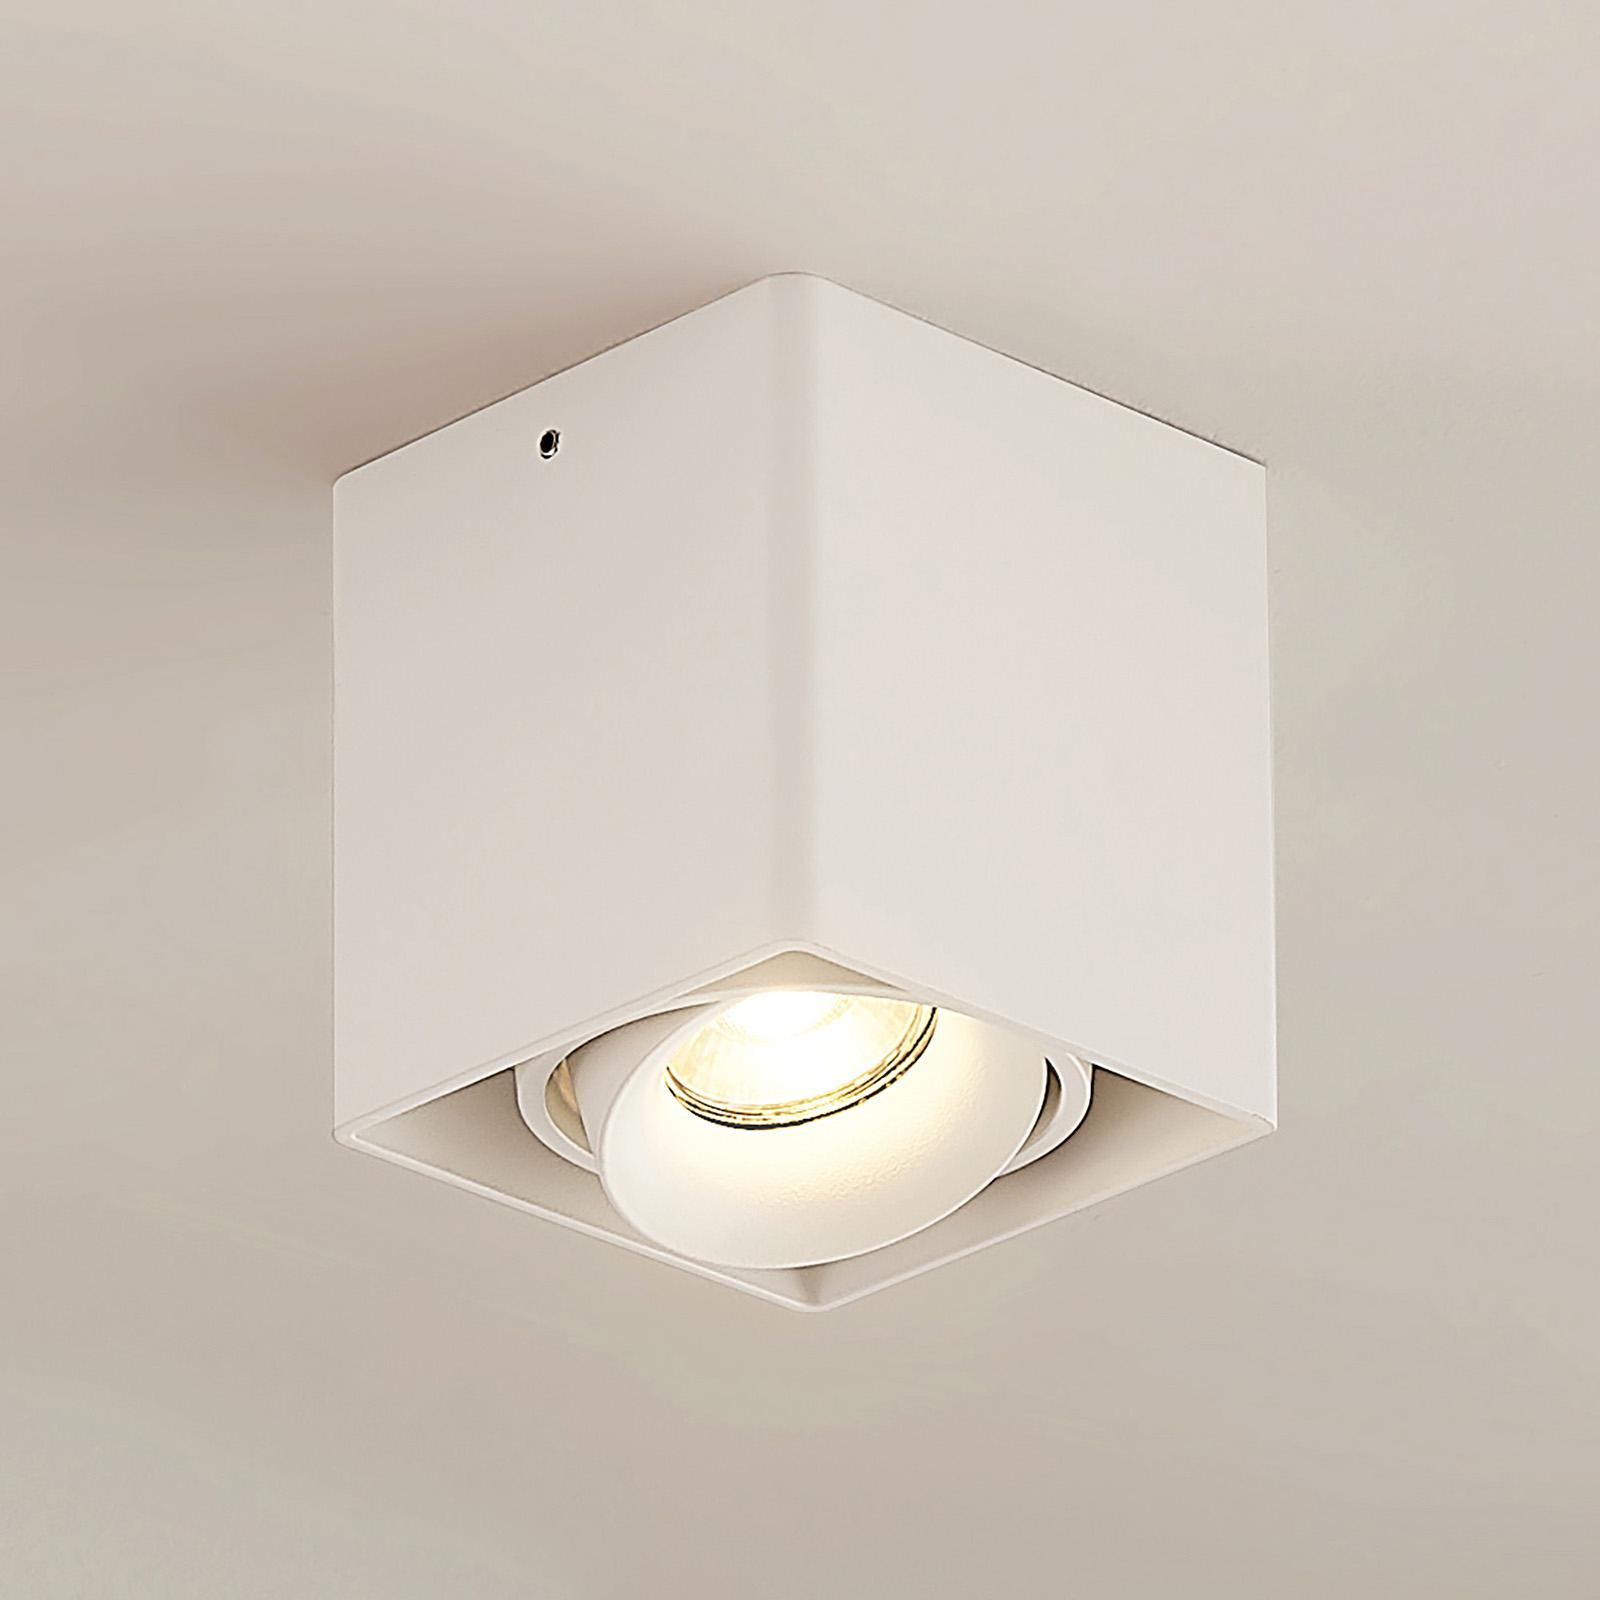 Arcchio Kubika downlight GU10, 1-lamp, wit